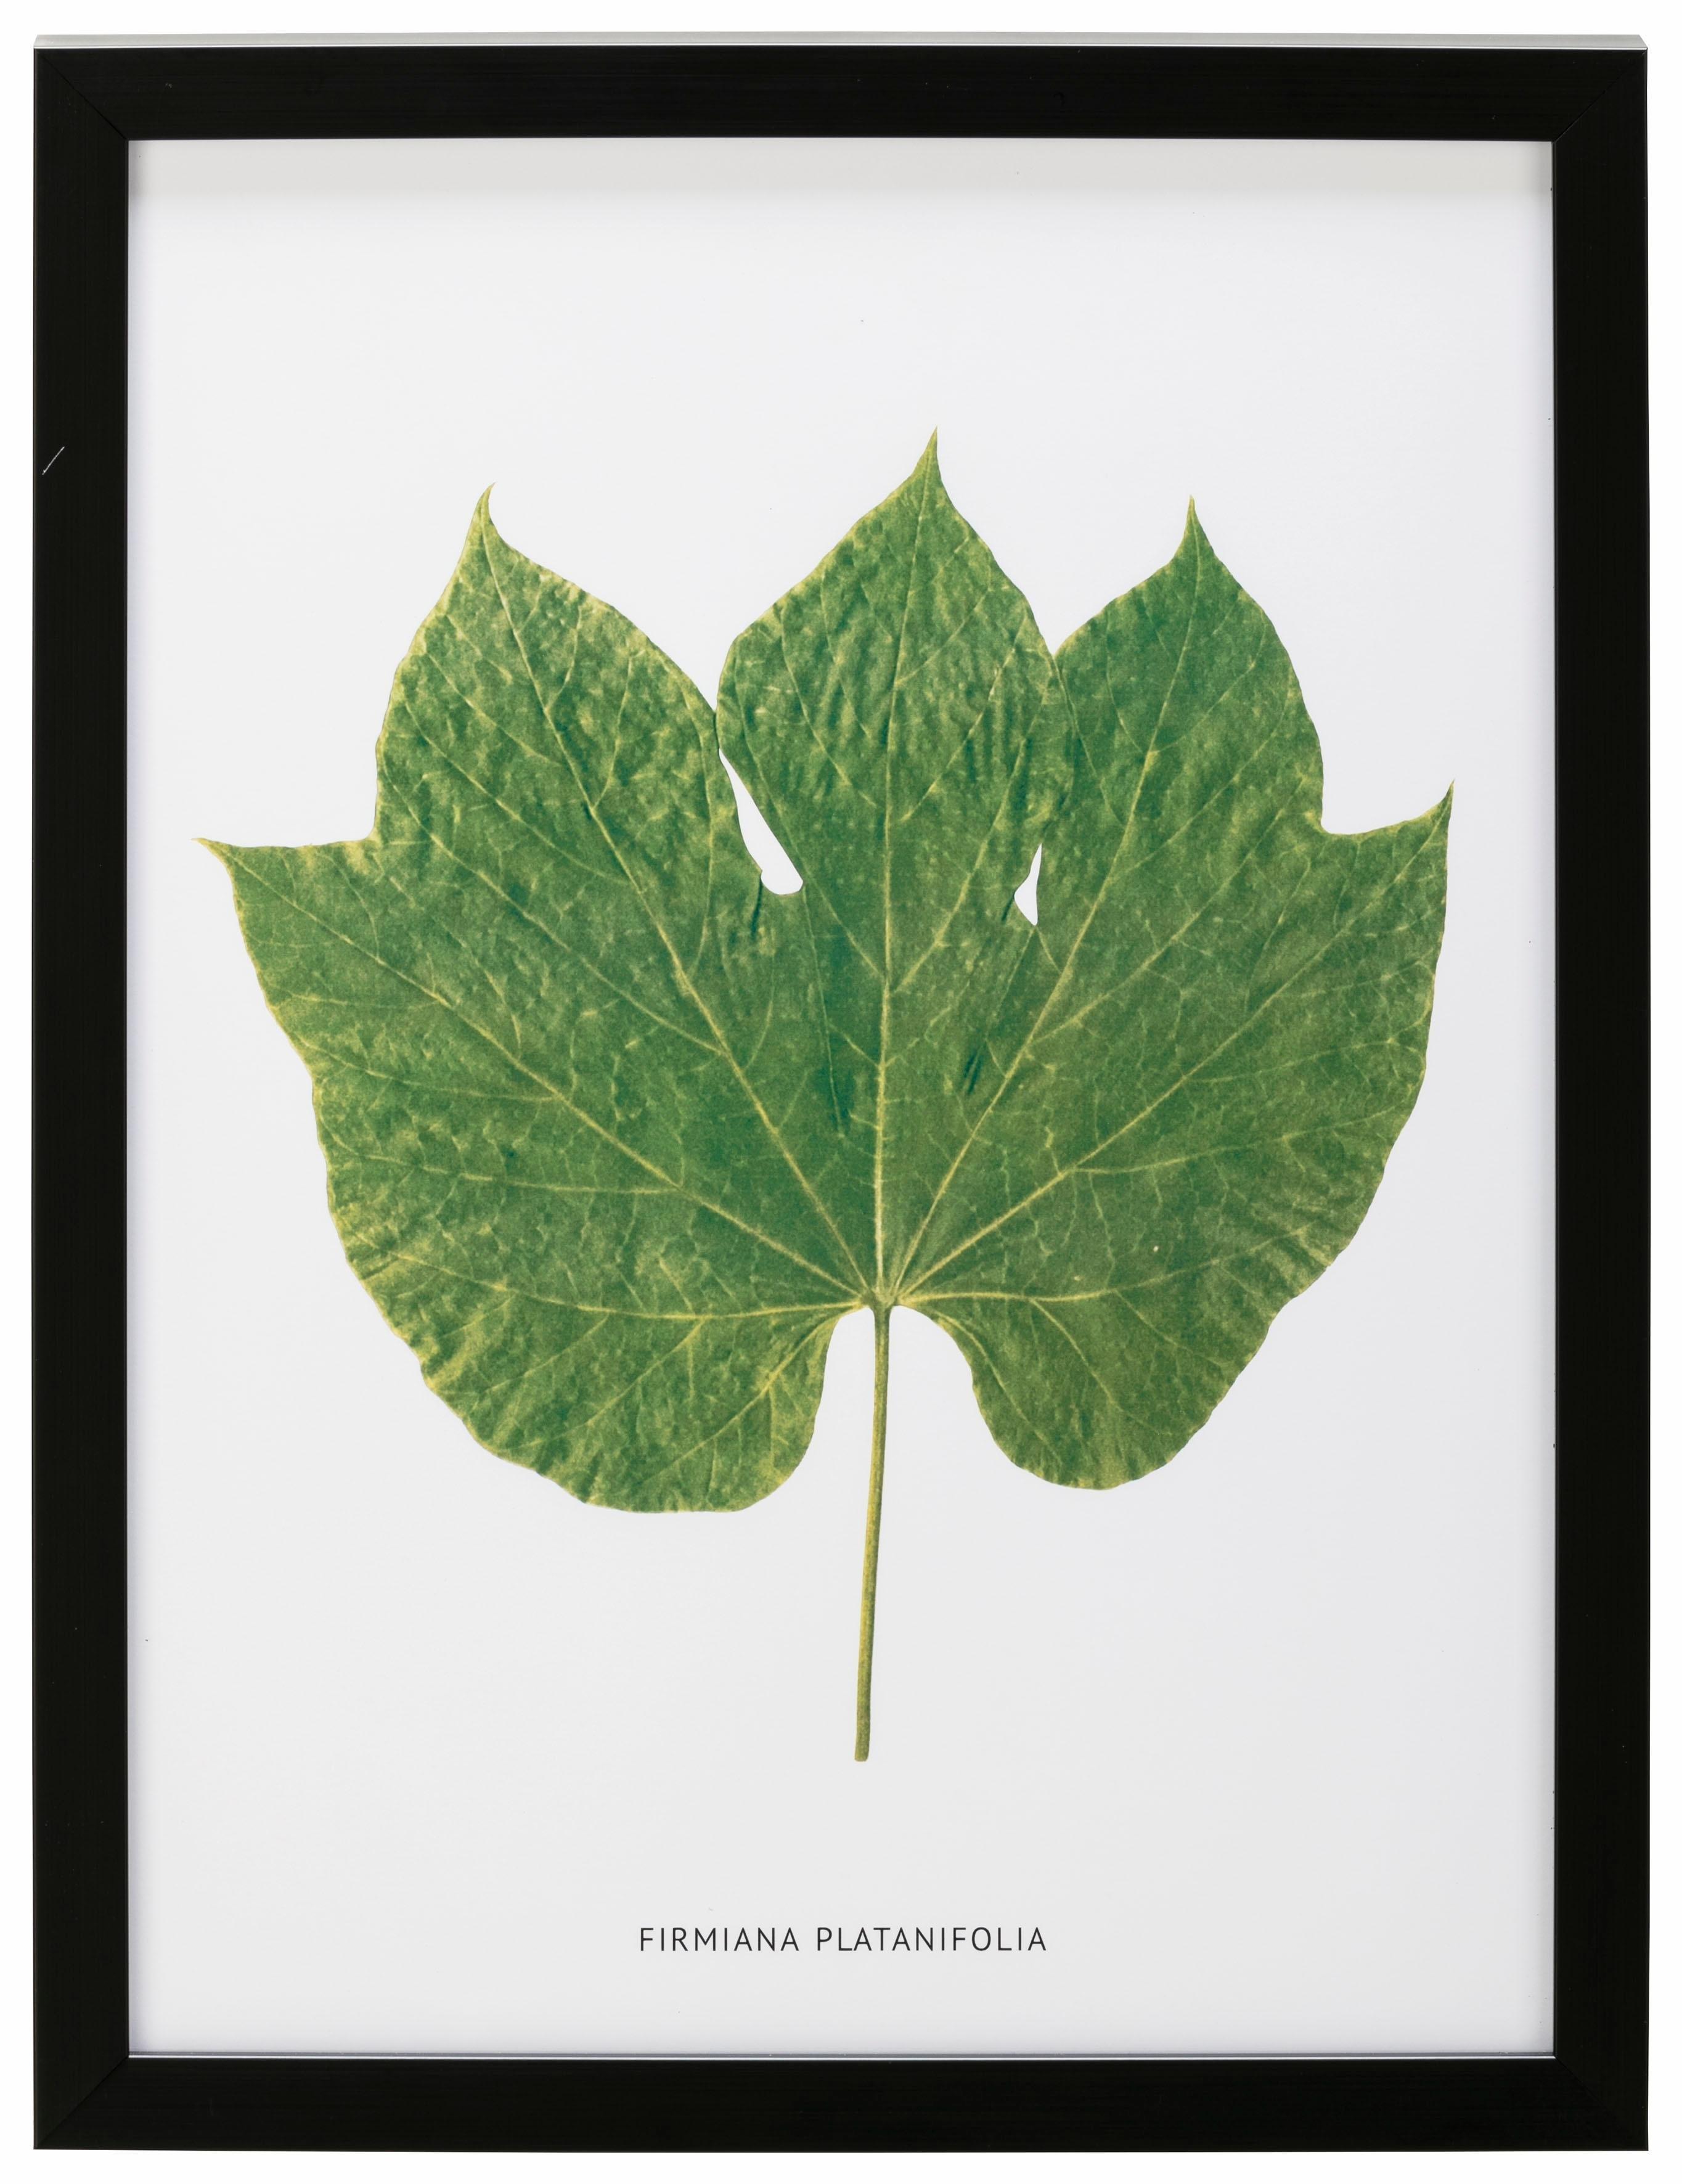 G&C wanddecoratie Blad Firmiana Platanifolia 30/40 cm, ingelijst bij OTTO online kopen